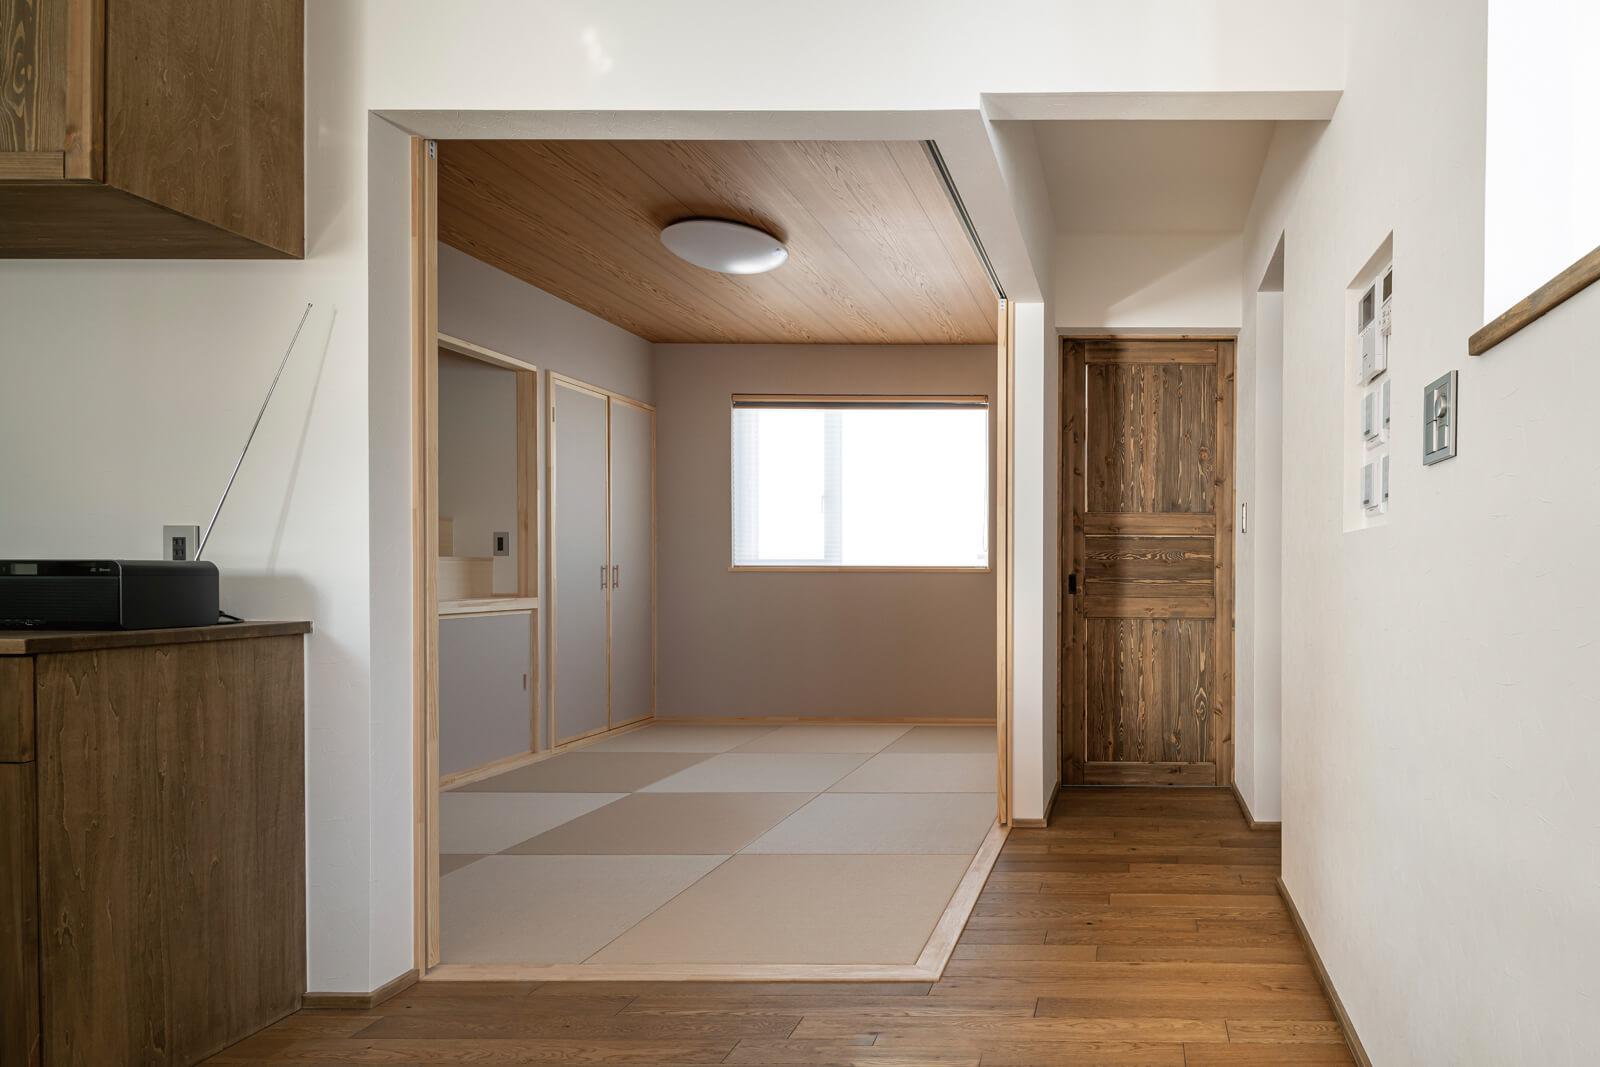 琉球畳を採用し、すっきりとシンプルに仕上げた和室は、開け放していてもリビング・ダイニングに違和感なく溶け込む。来客時には、造作障子を閉めて独立した空間にできる